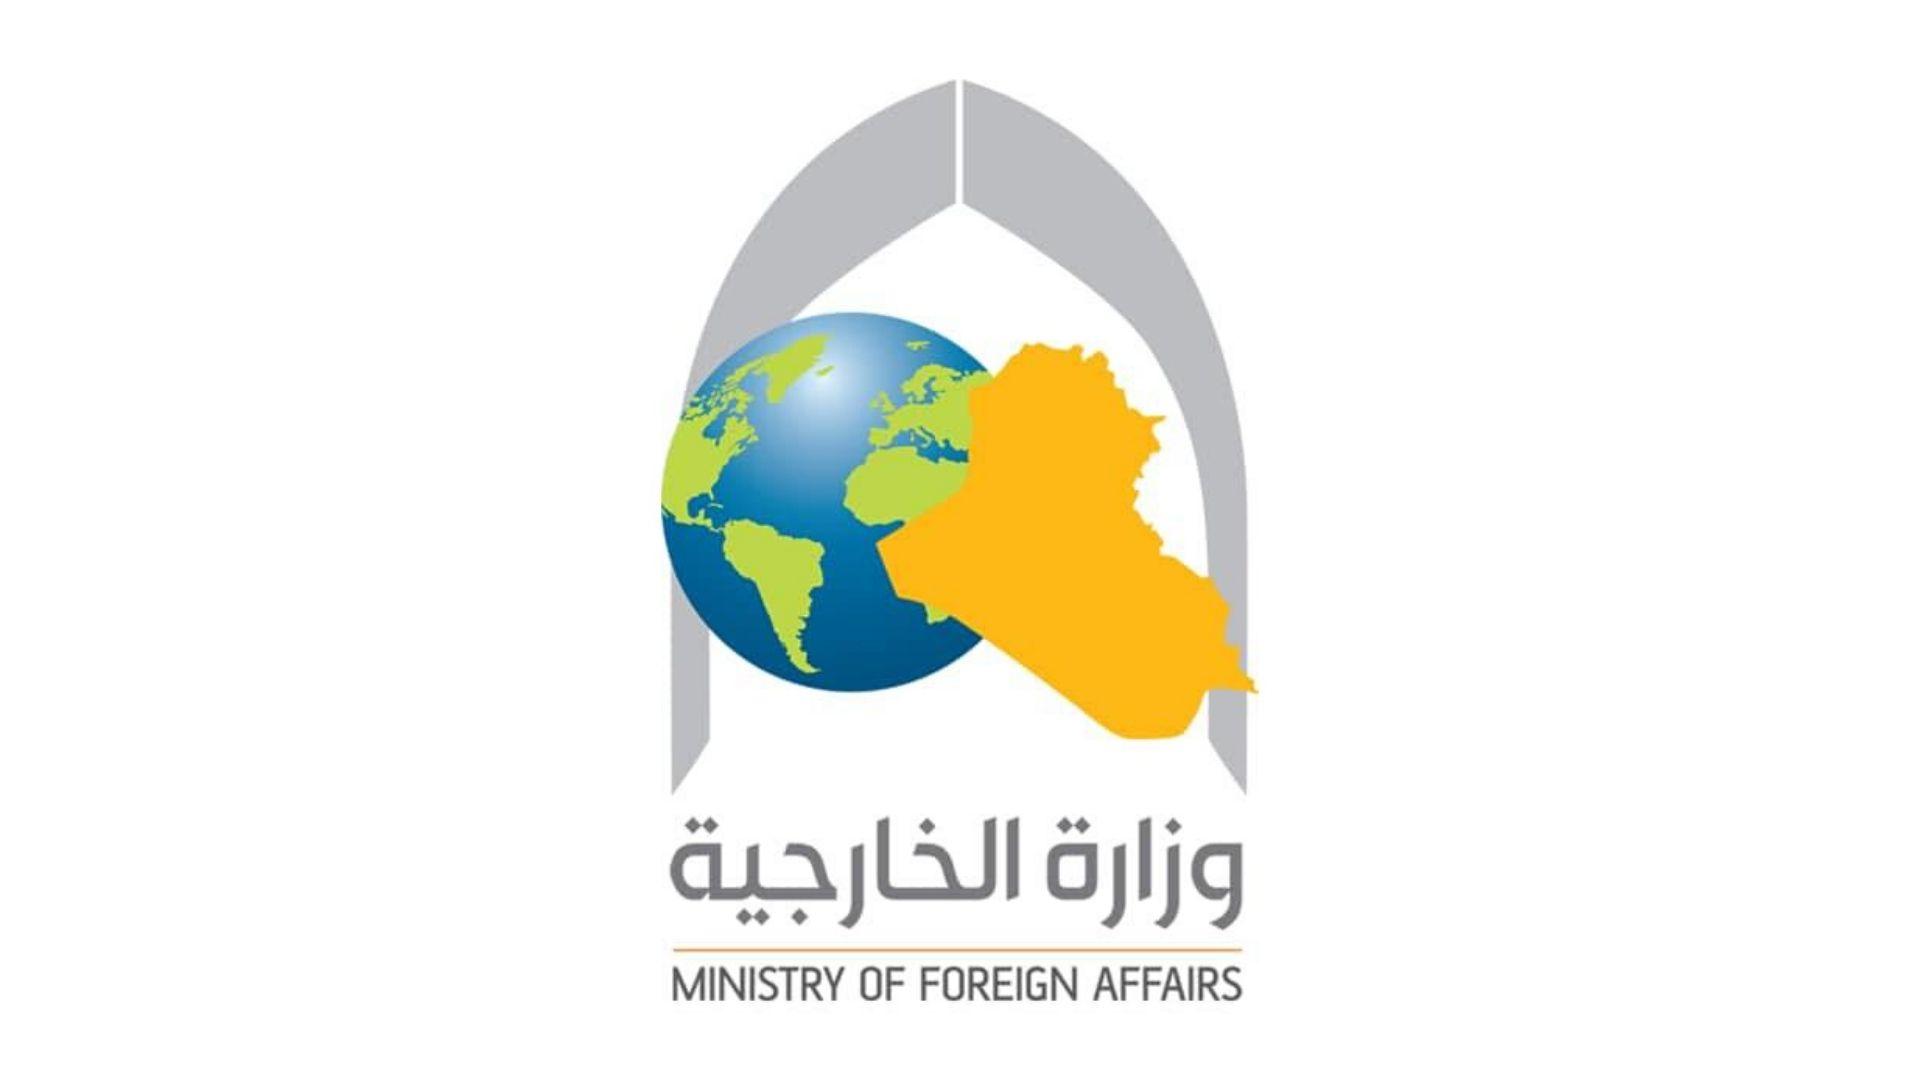 الخارجية تسلم السفير التركي مذكرة احتجاج على الانتهاكات للسيادة العراقية